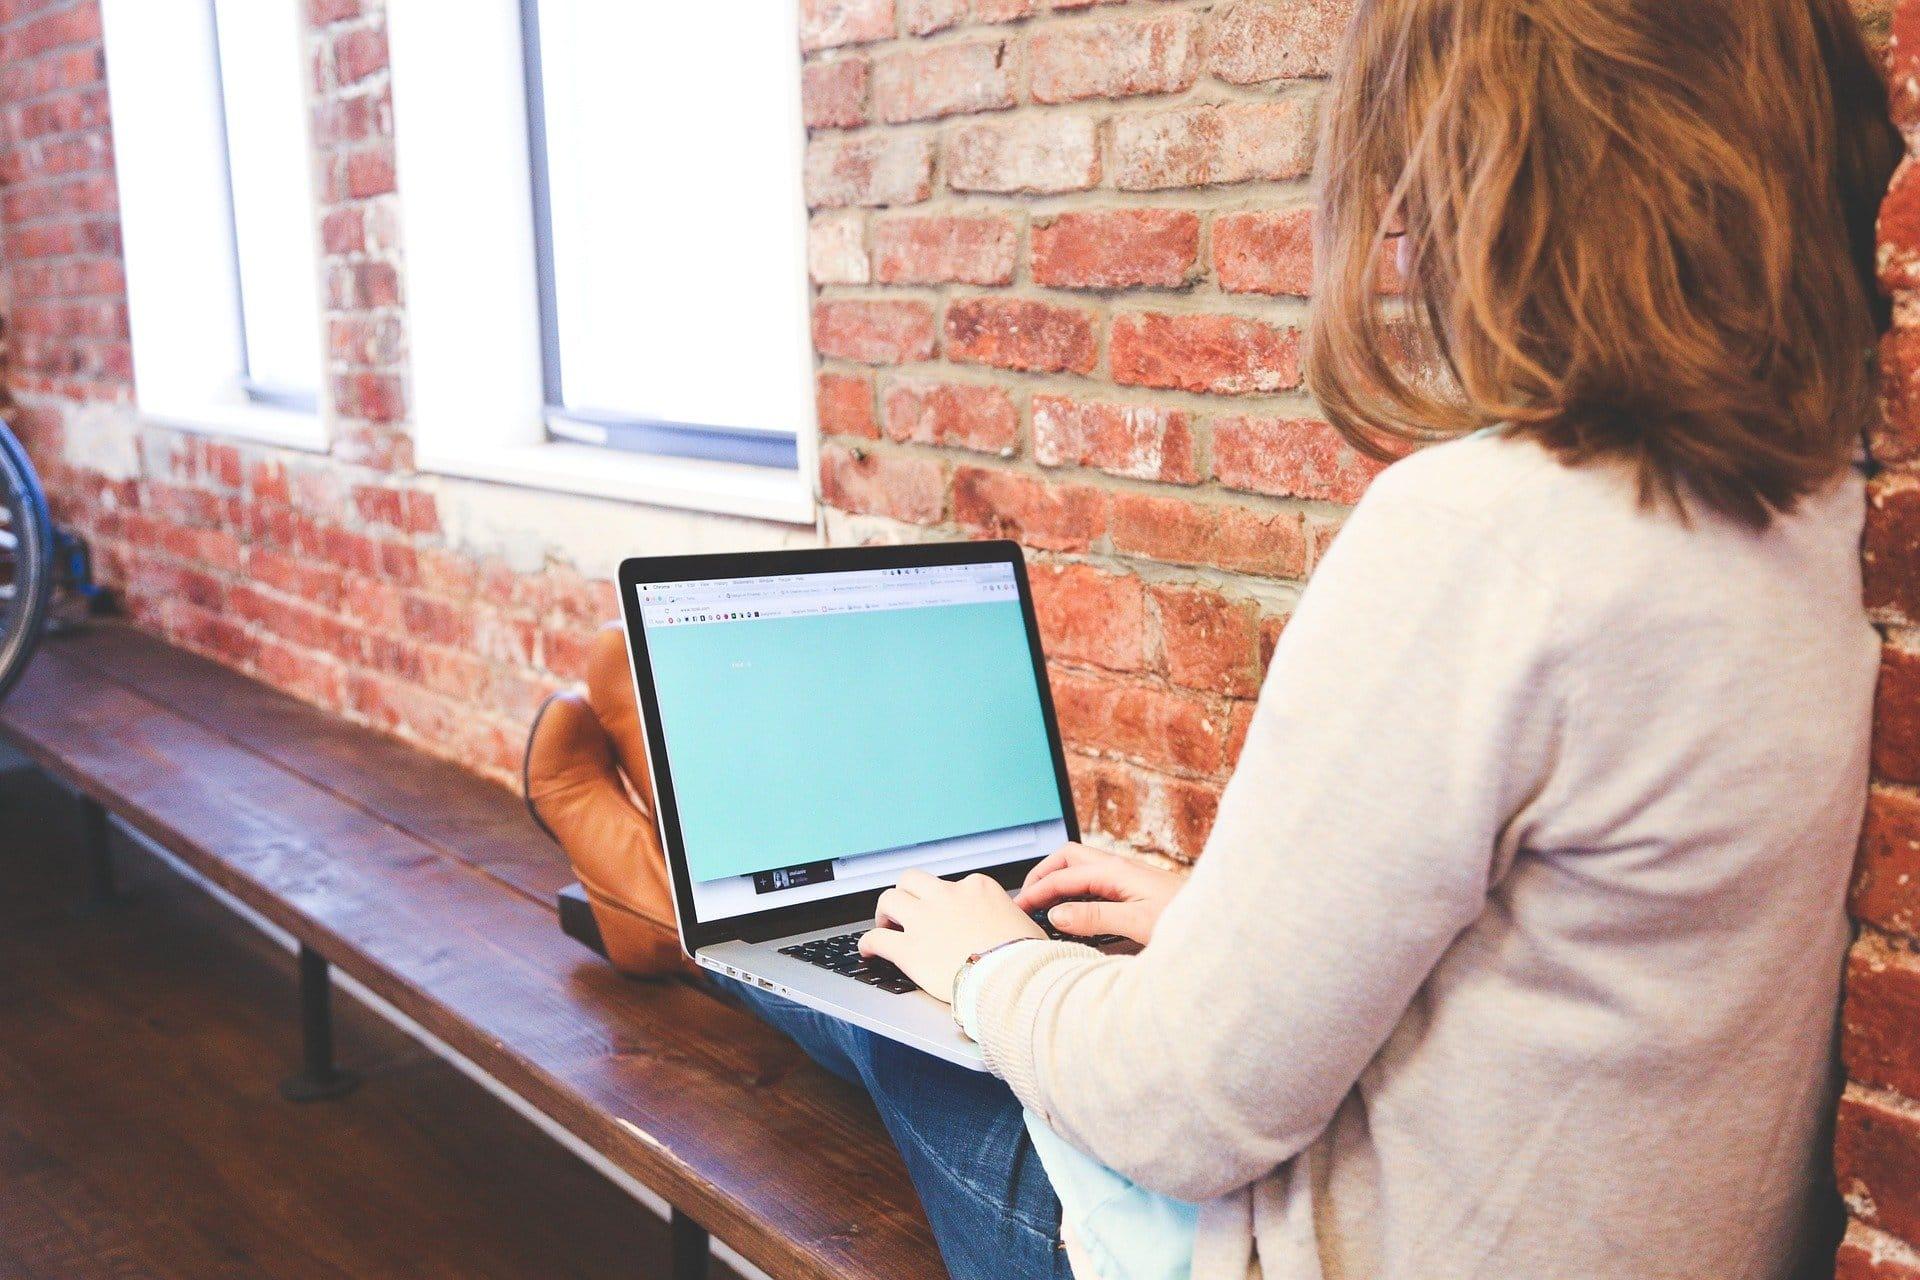 Schüler Eingabe Tastatur Text Frau Start Geschäft - (c) Pixabay